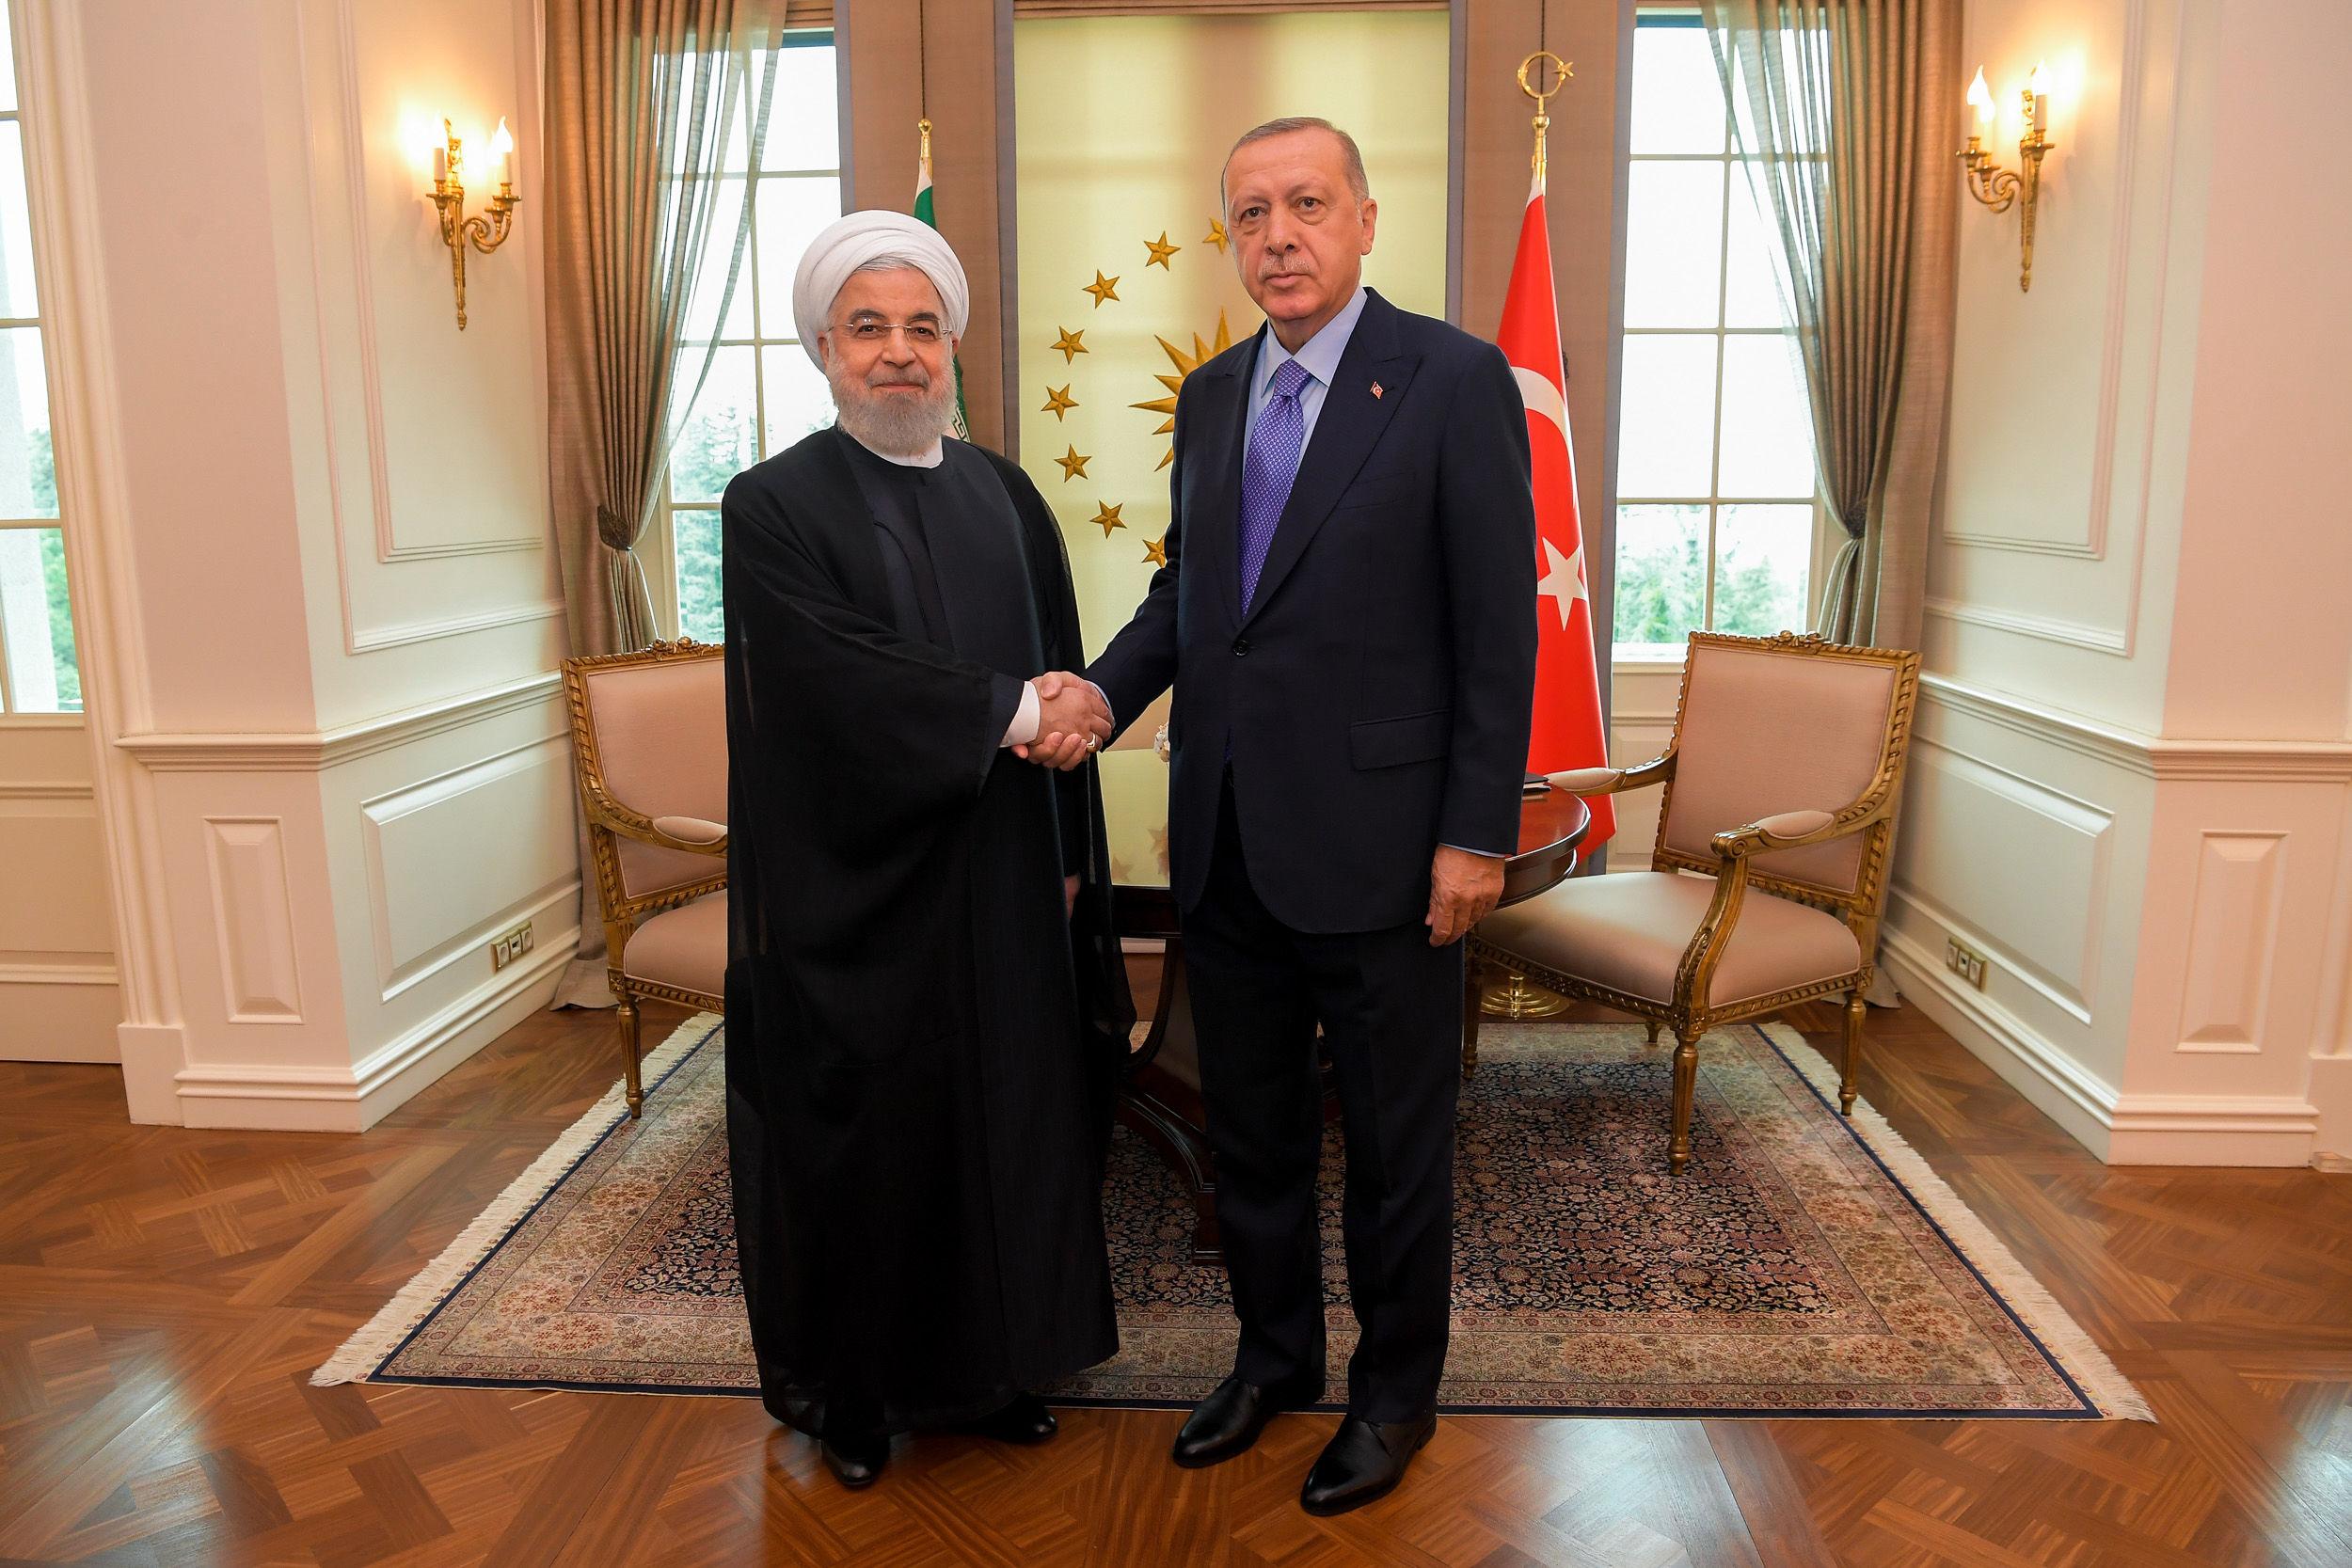 گزارش تصویری/ دیدار روحانی و اردوغان در ترکیه